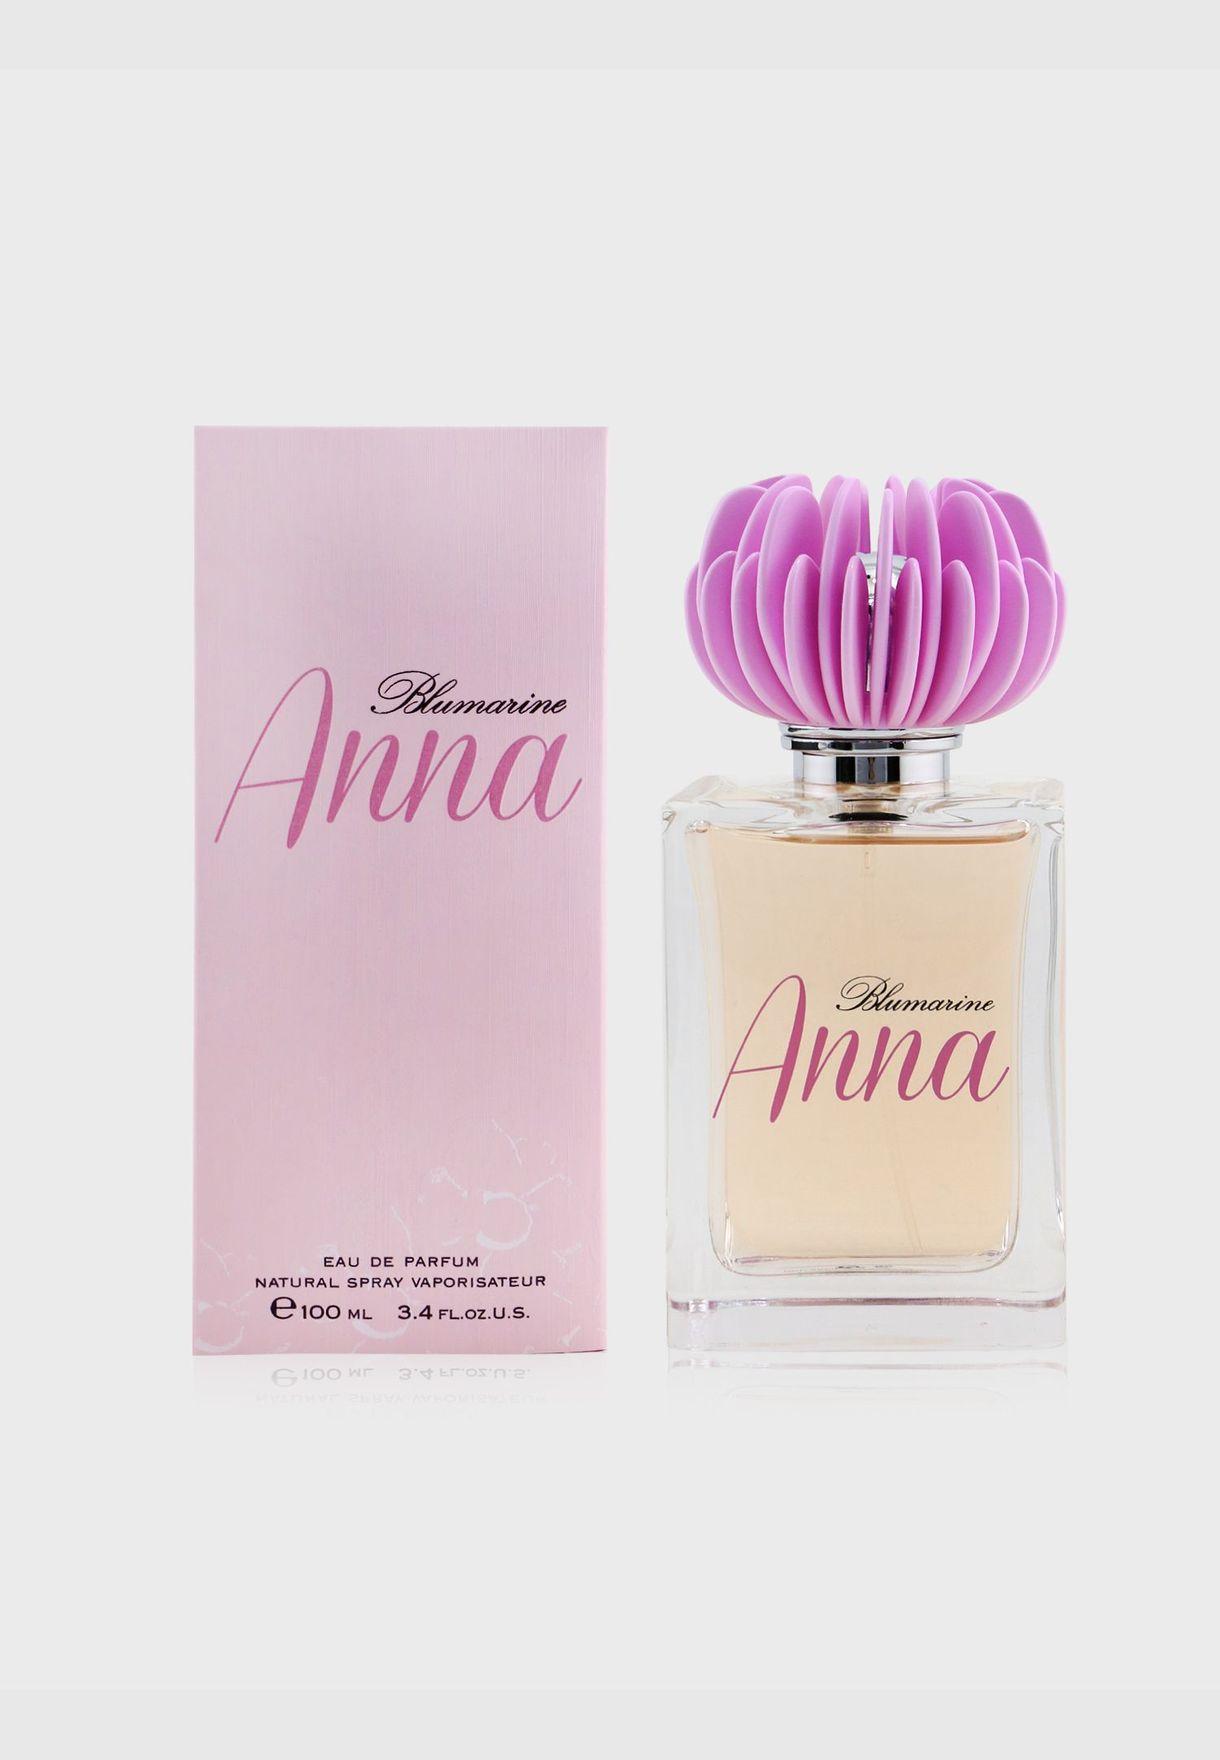 Anna Eau De Parfum Spray